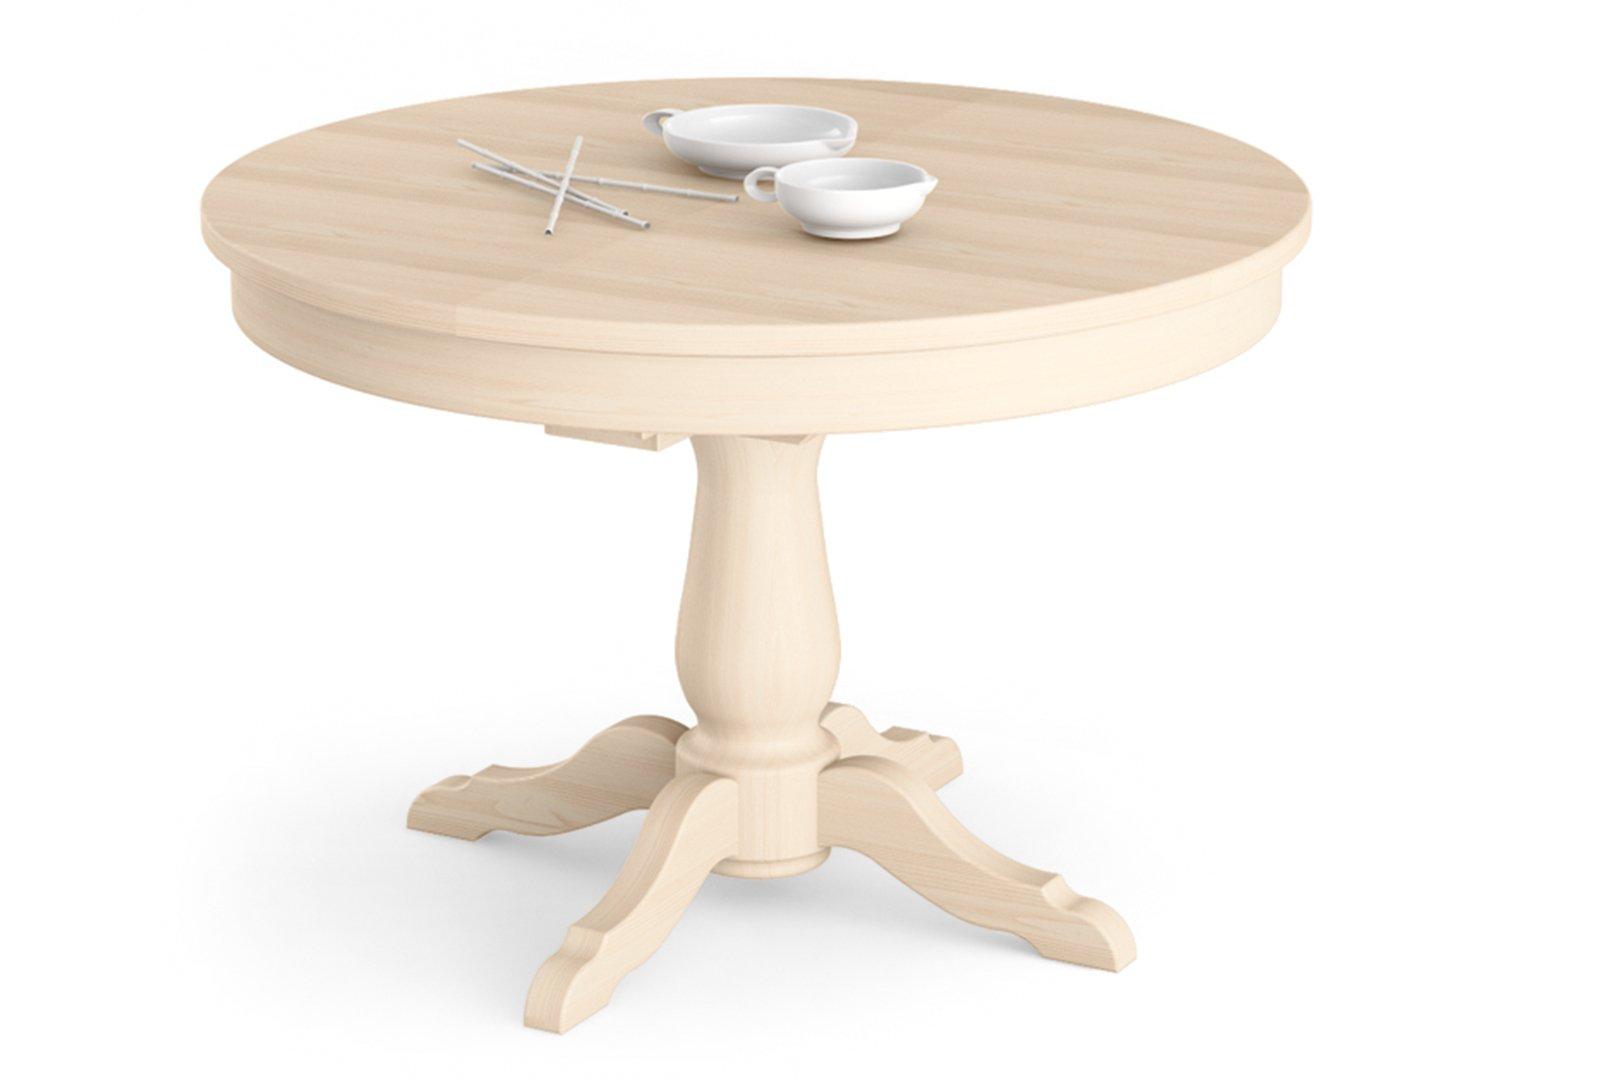 Mobili per sala da pranzo usati: sedie cucina moderne se da ...